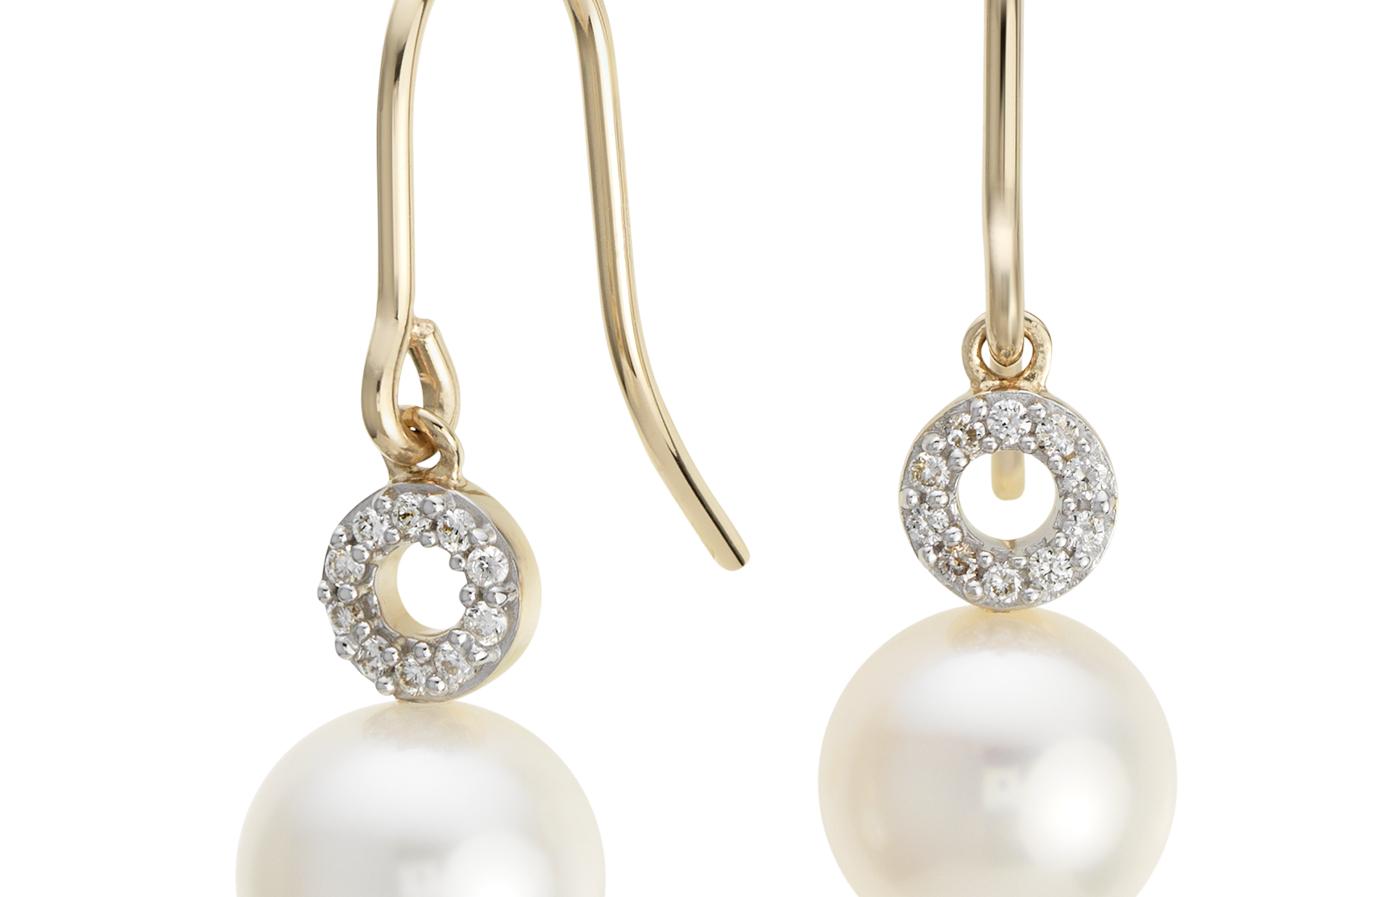 Aretes colgantes circulares de diamantes y perlas cultivadas de agua dulce en oro amarillo de 14k